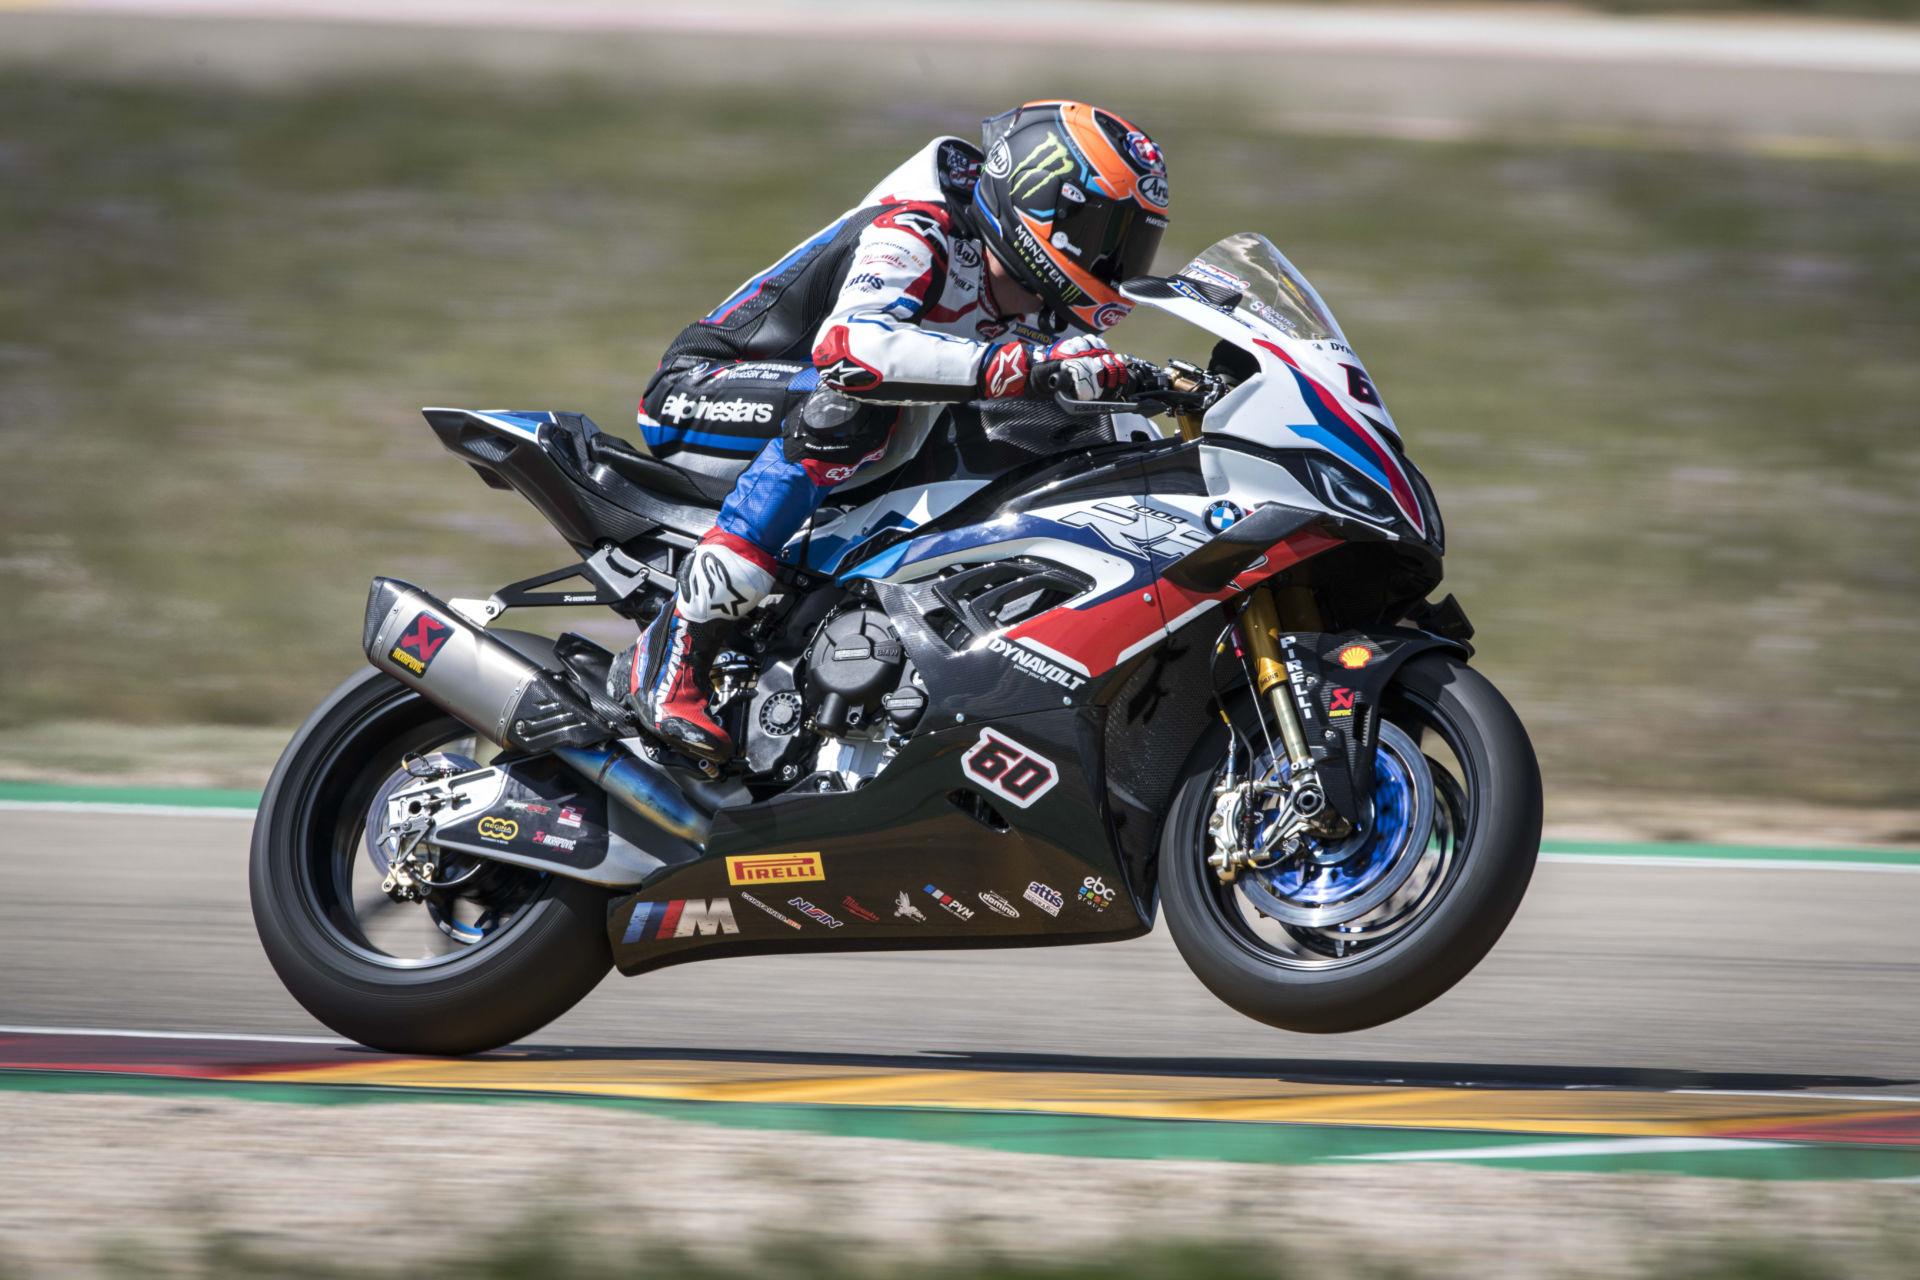 World Superbike: Teams Wrap Up Pre-Season Testing, In Spain (Updated)